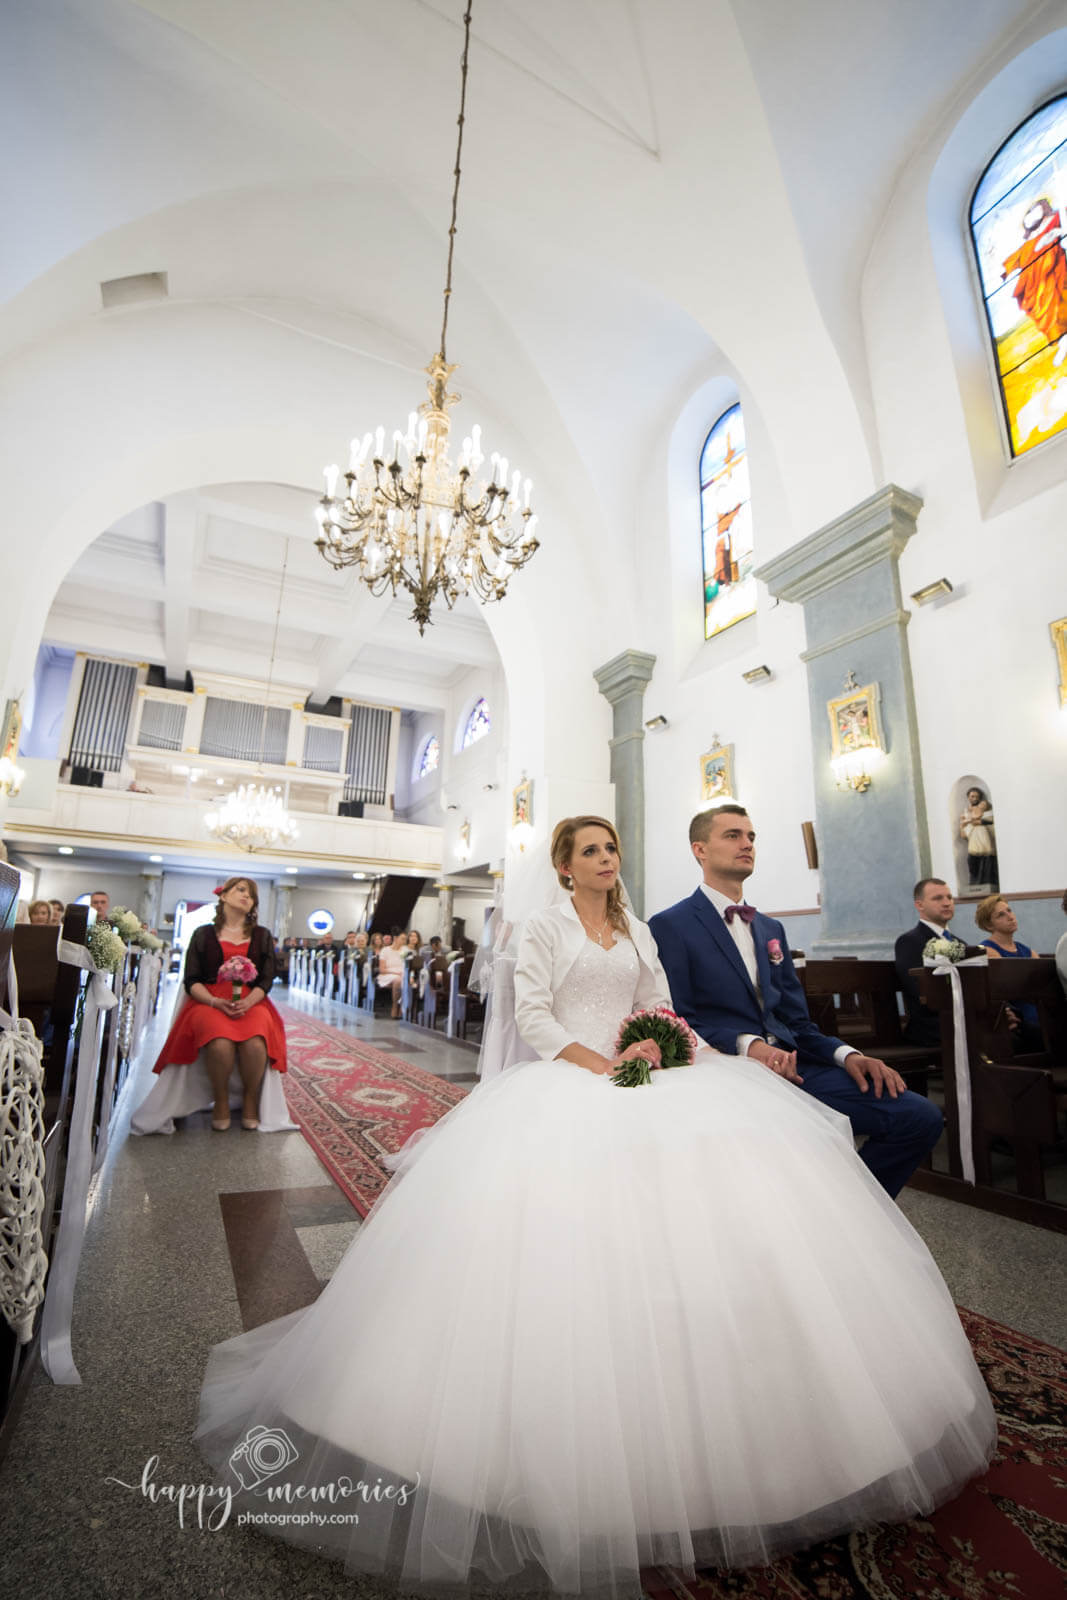 Wedding photographer Horsham-21